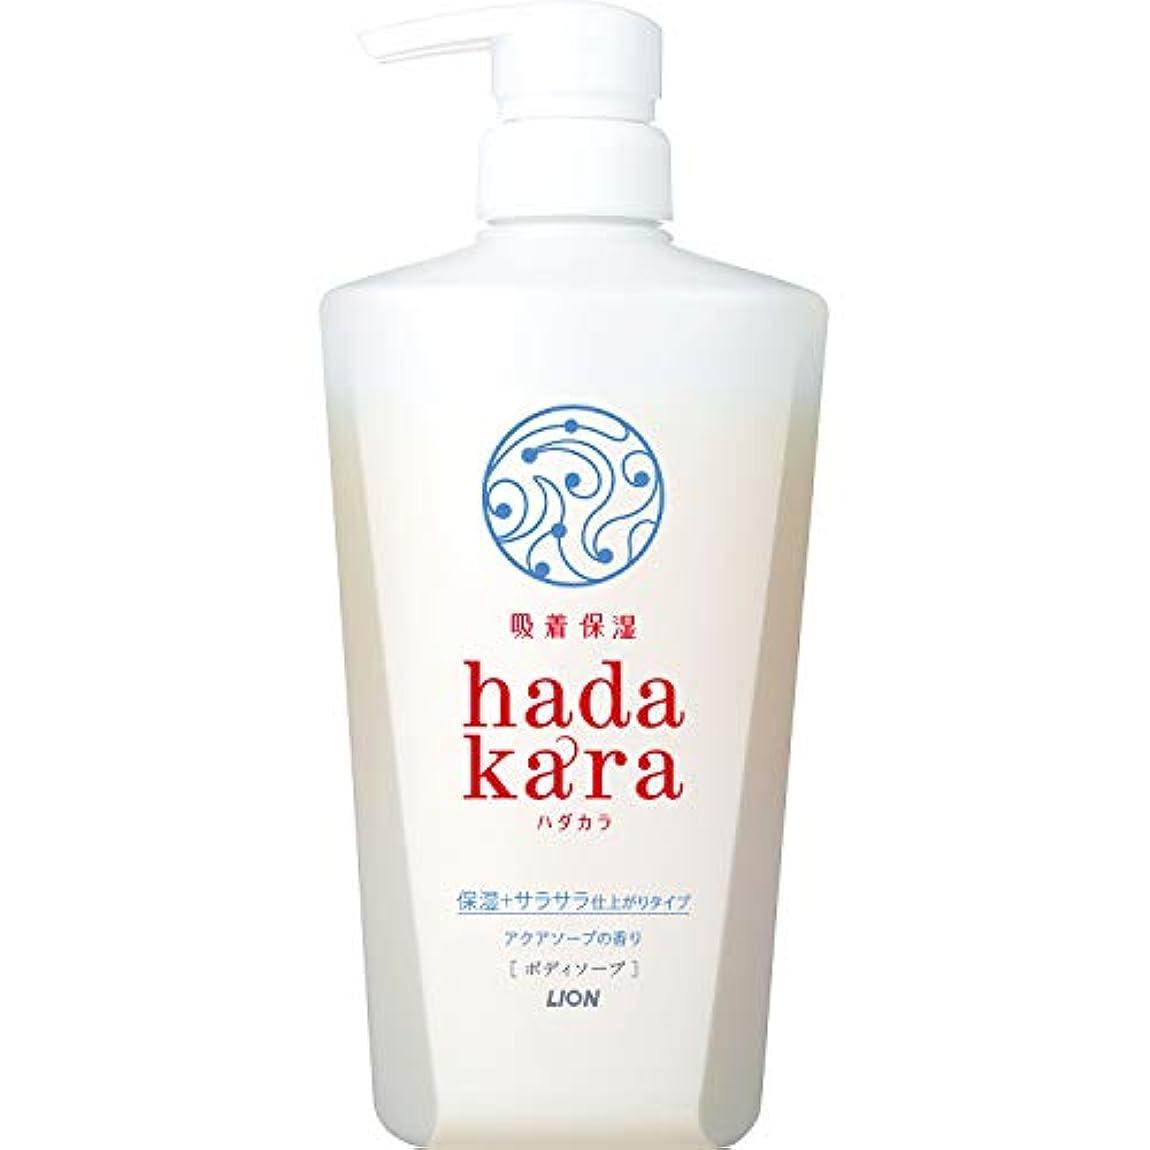 彼らのものプリーツゴミ箱hadakara(ハダカラ) ボディソープ 保湿+サラサラ仕上がりタイプ アクアソープの香り 本体 480ml